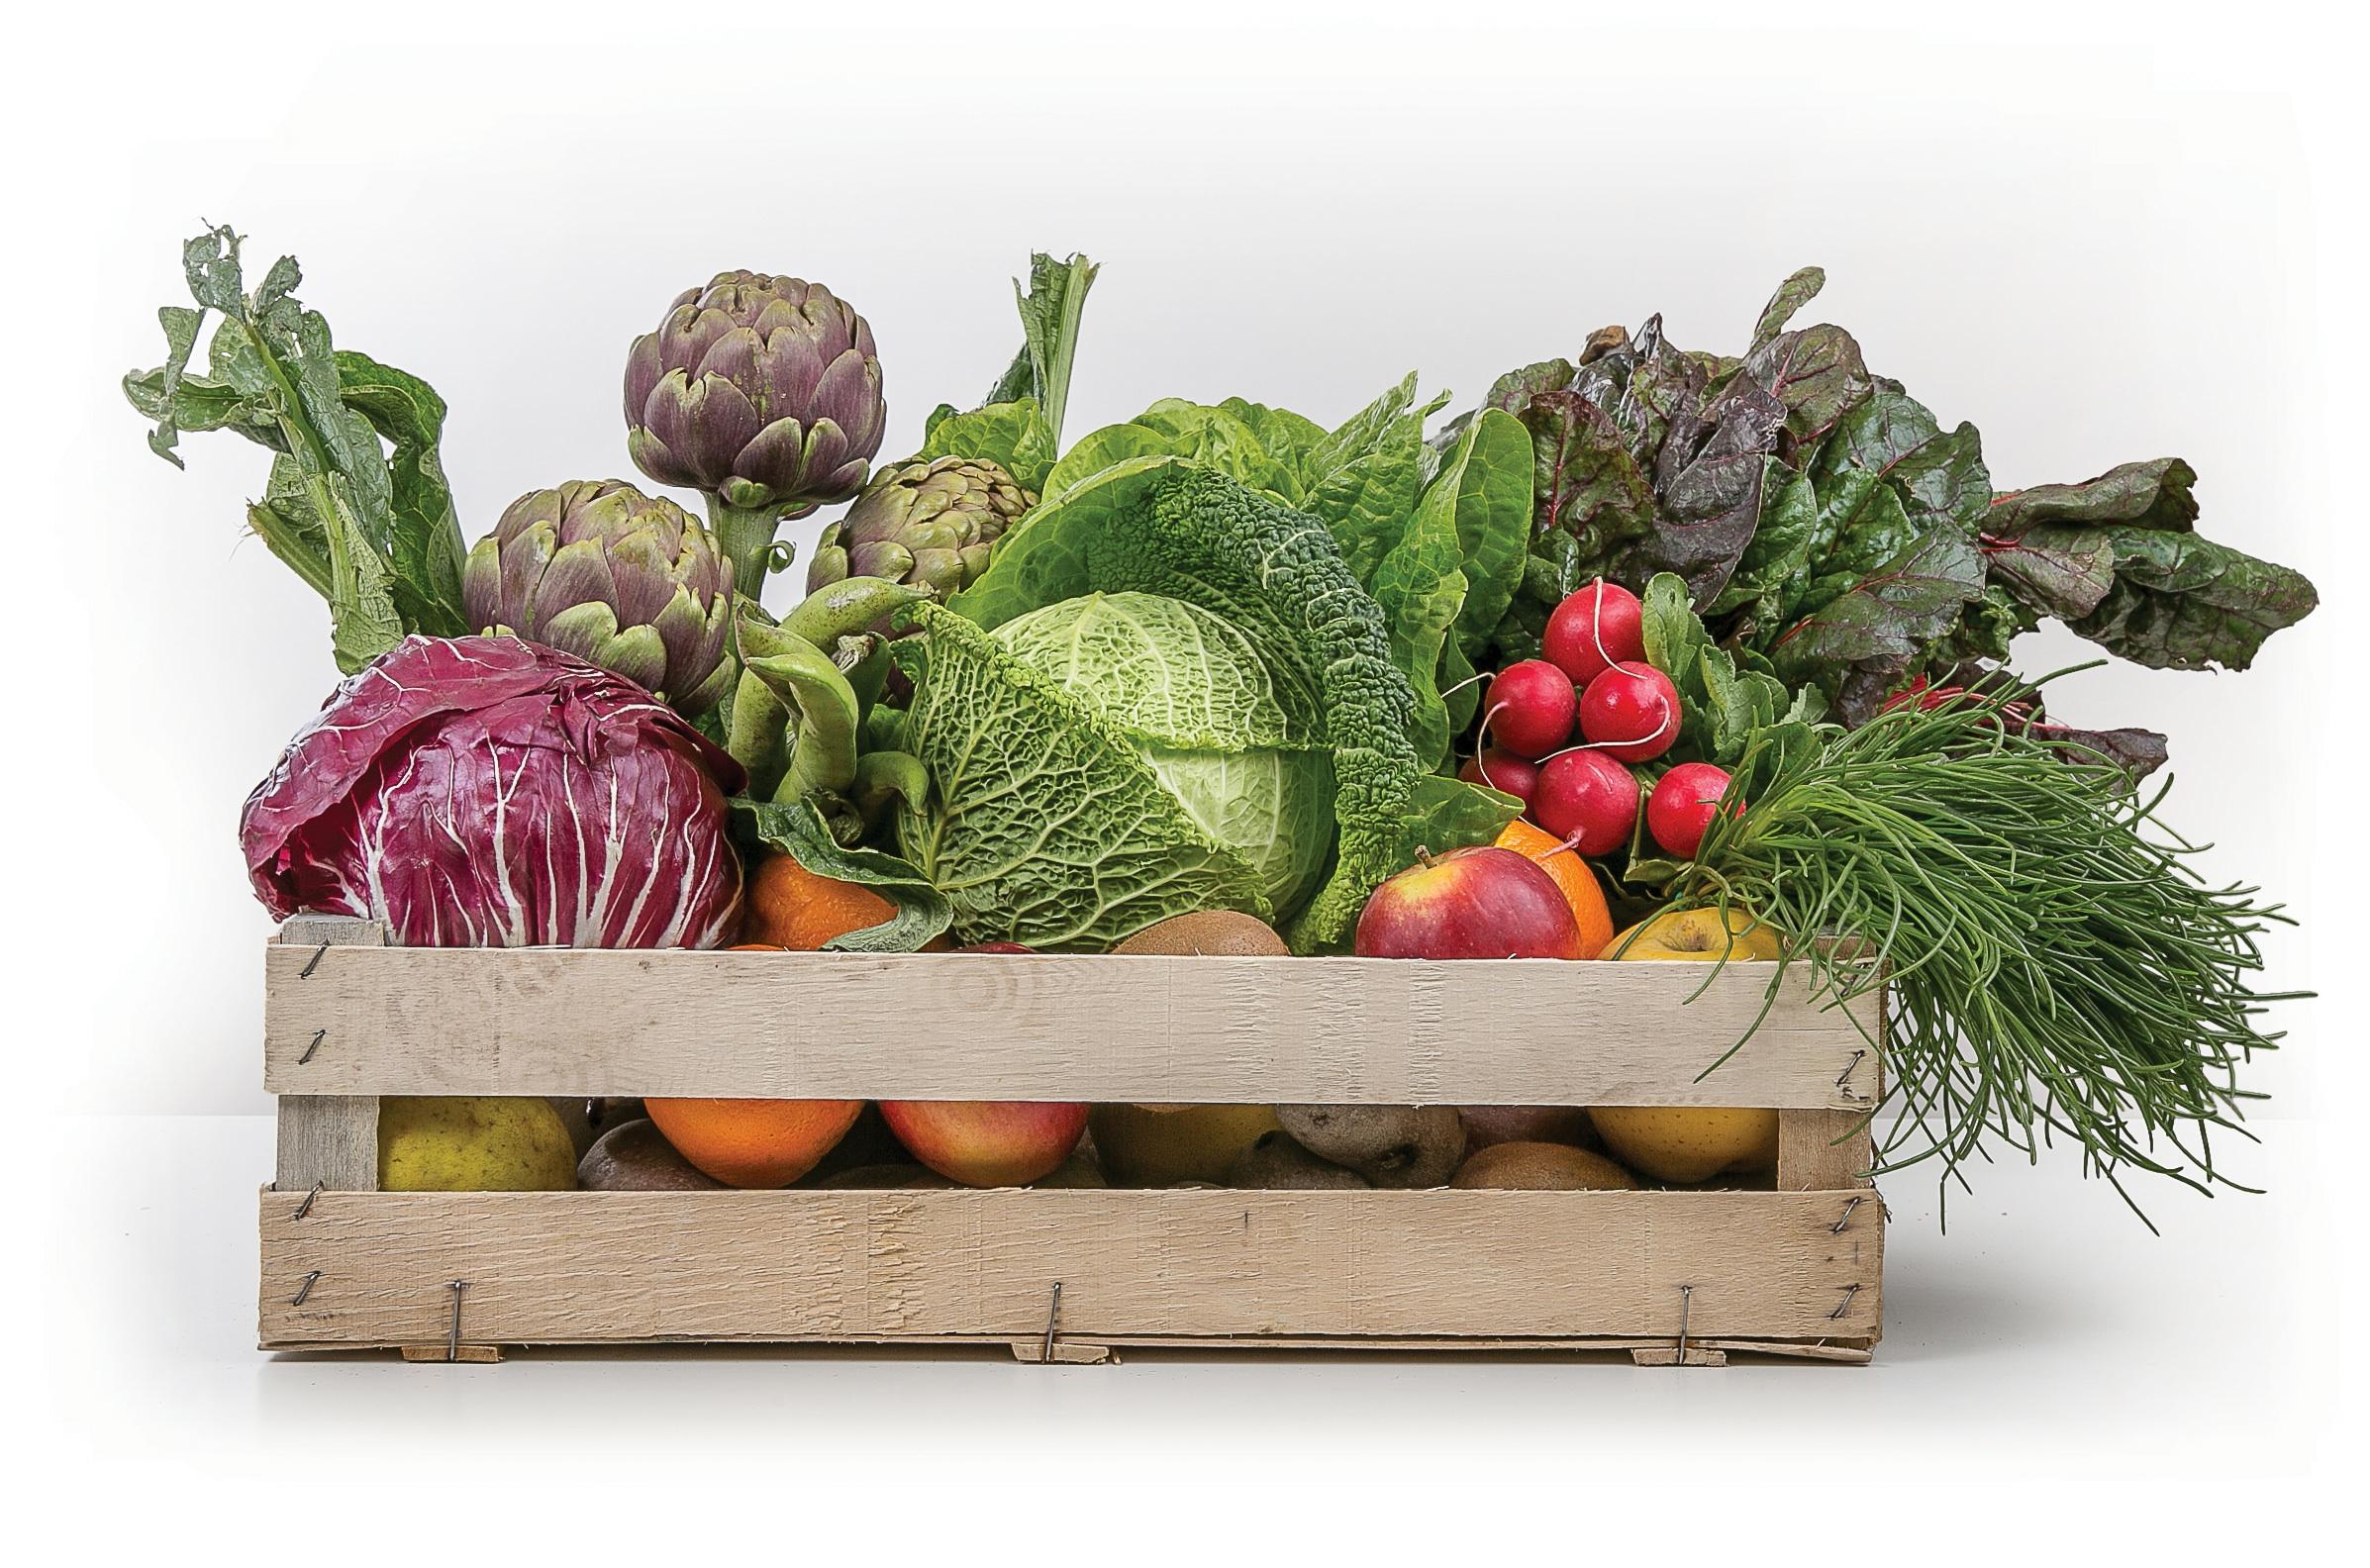 Il mercatino del contadino del venerdì. 31 gennaio